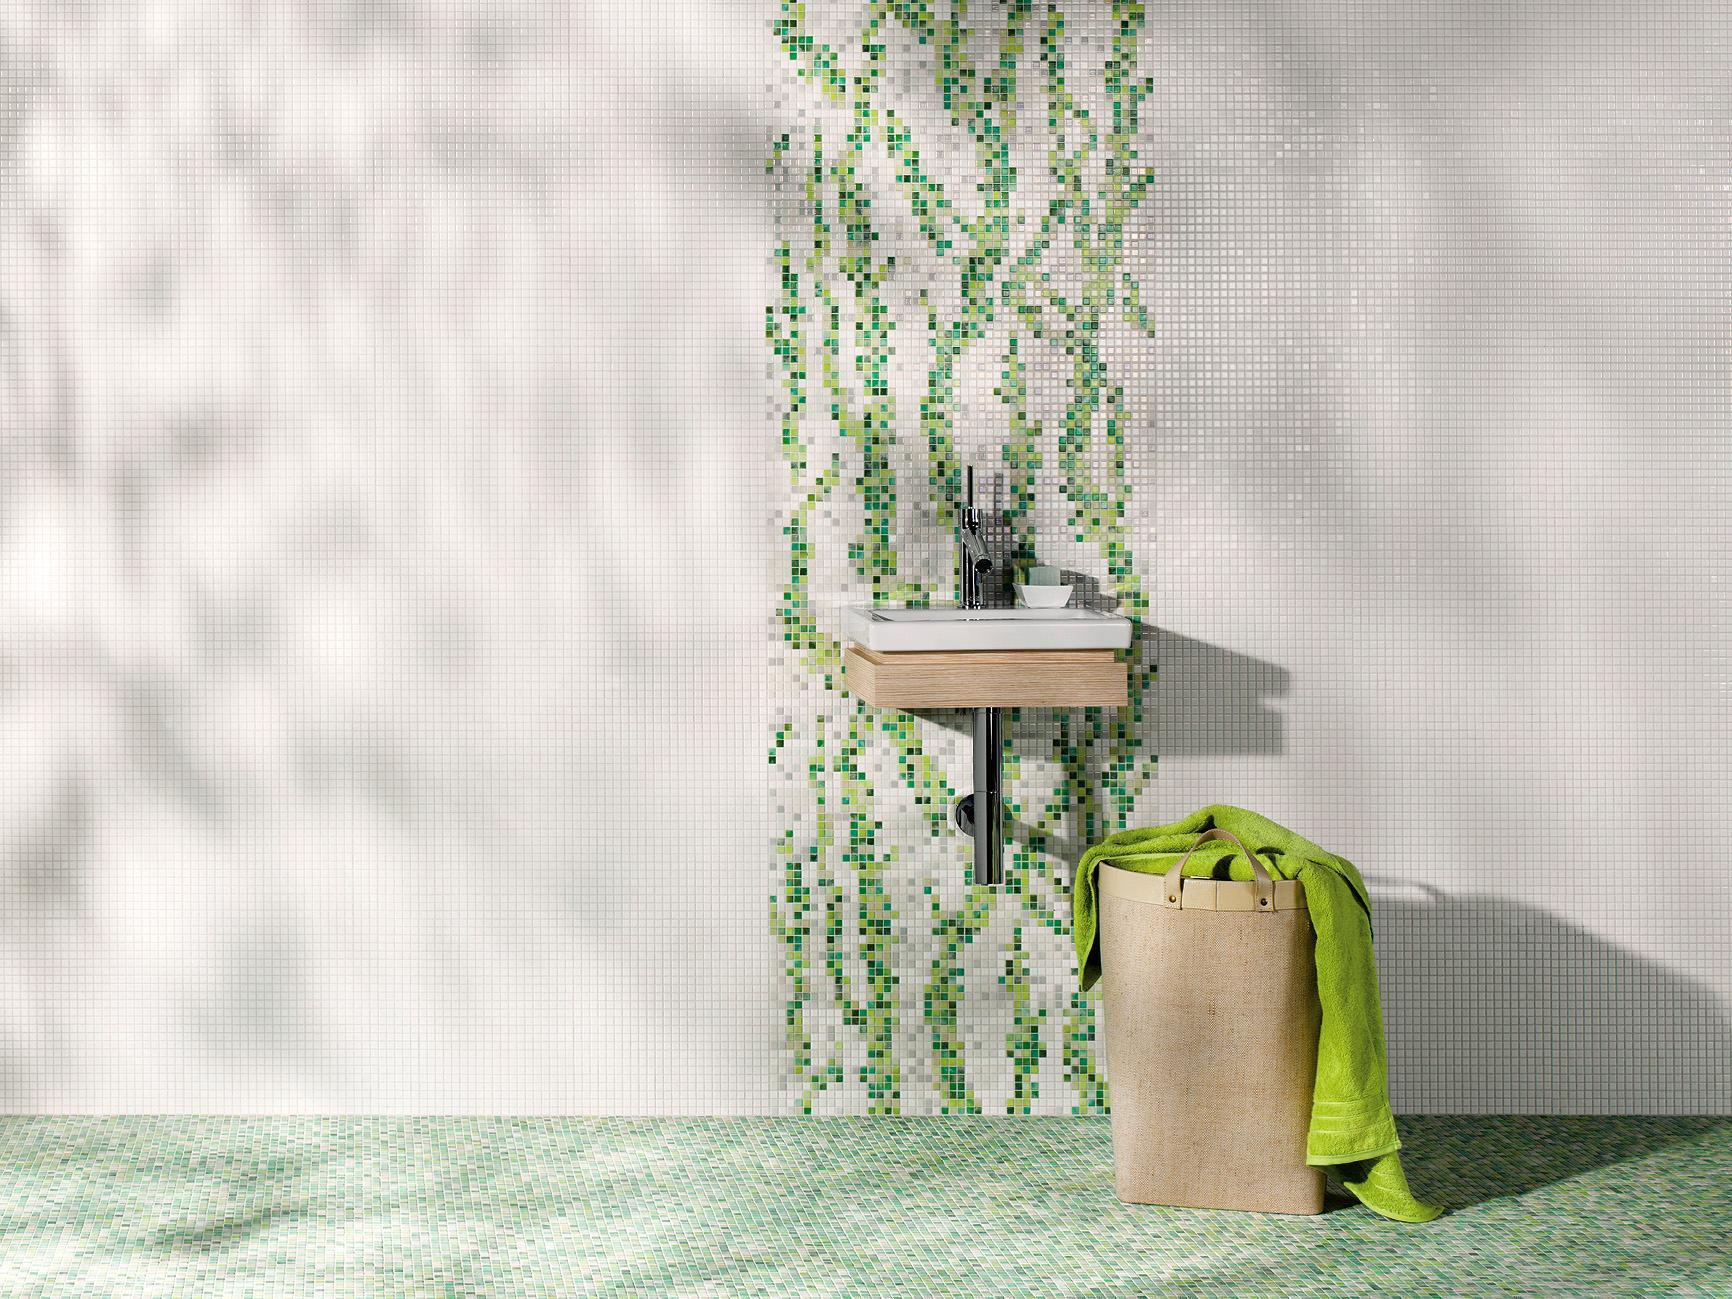 Wandgestaltung Für Das Badezimmer • Bilder & Ideen •